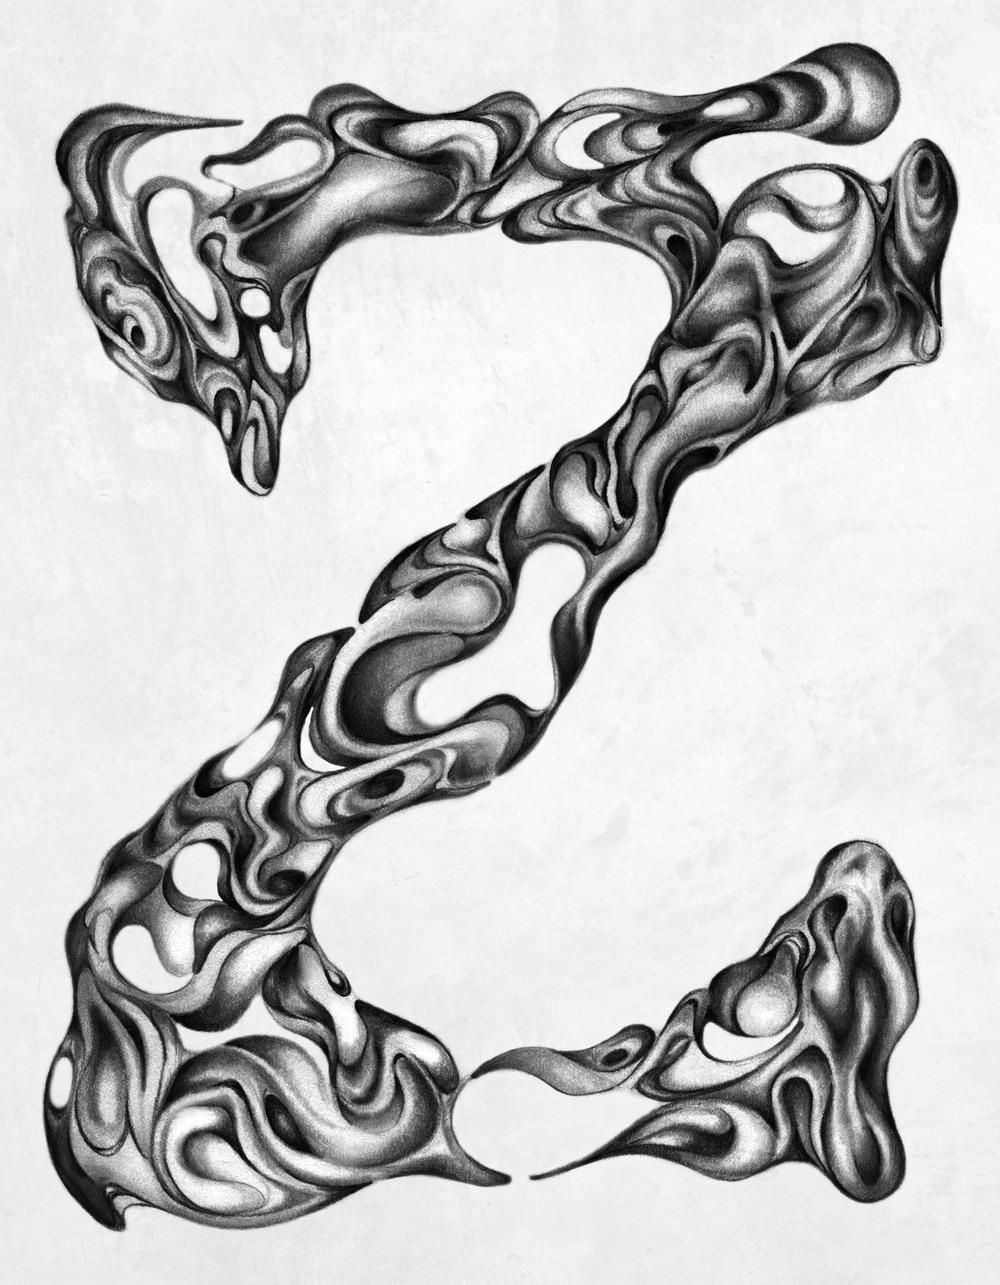 Adrianna+Grezak+drawing+typography+letter+z